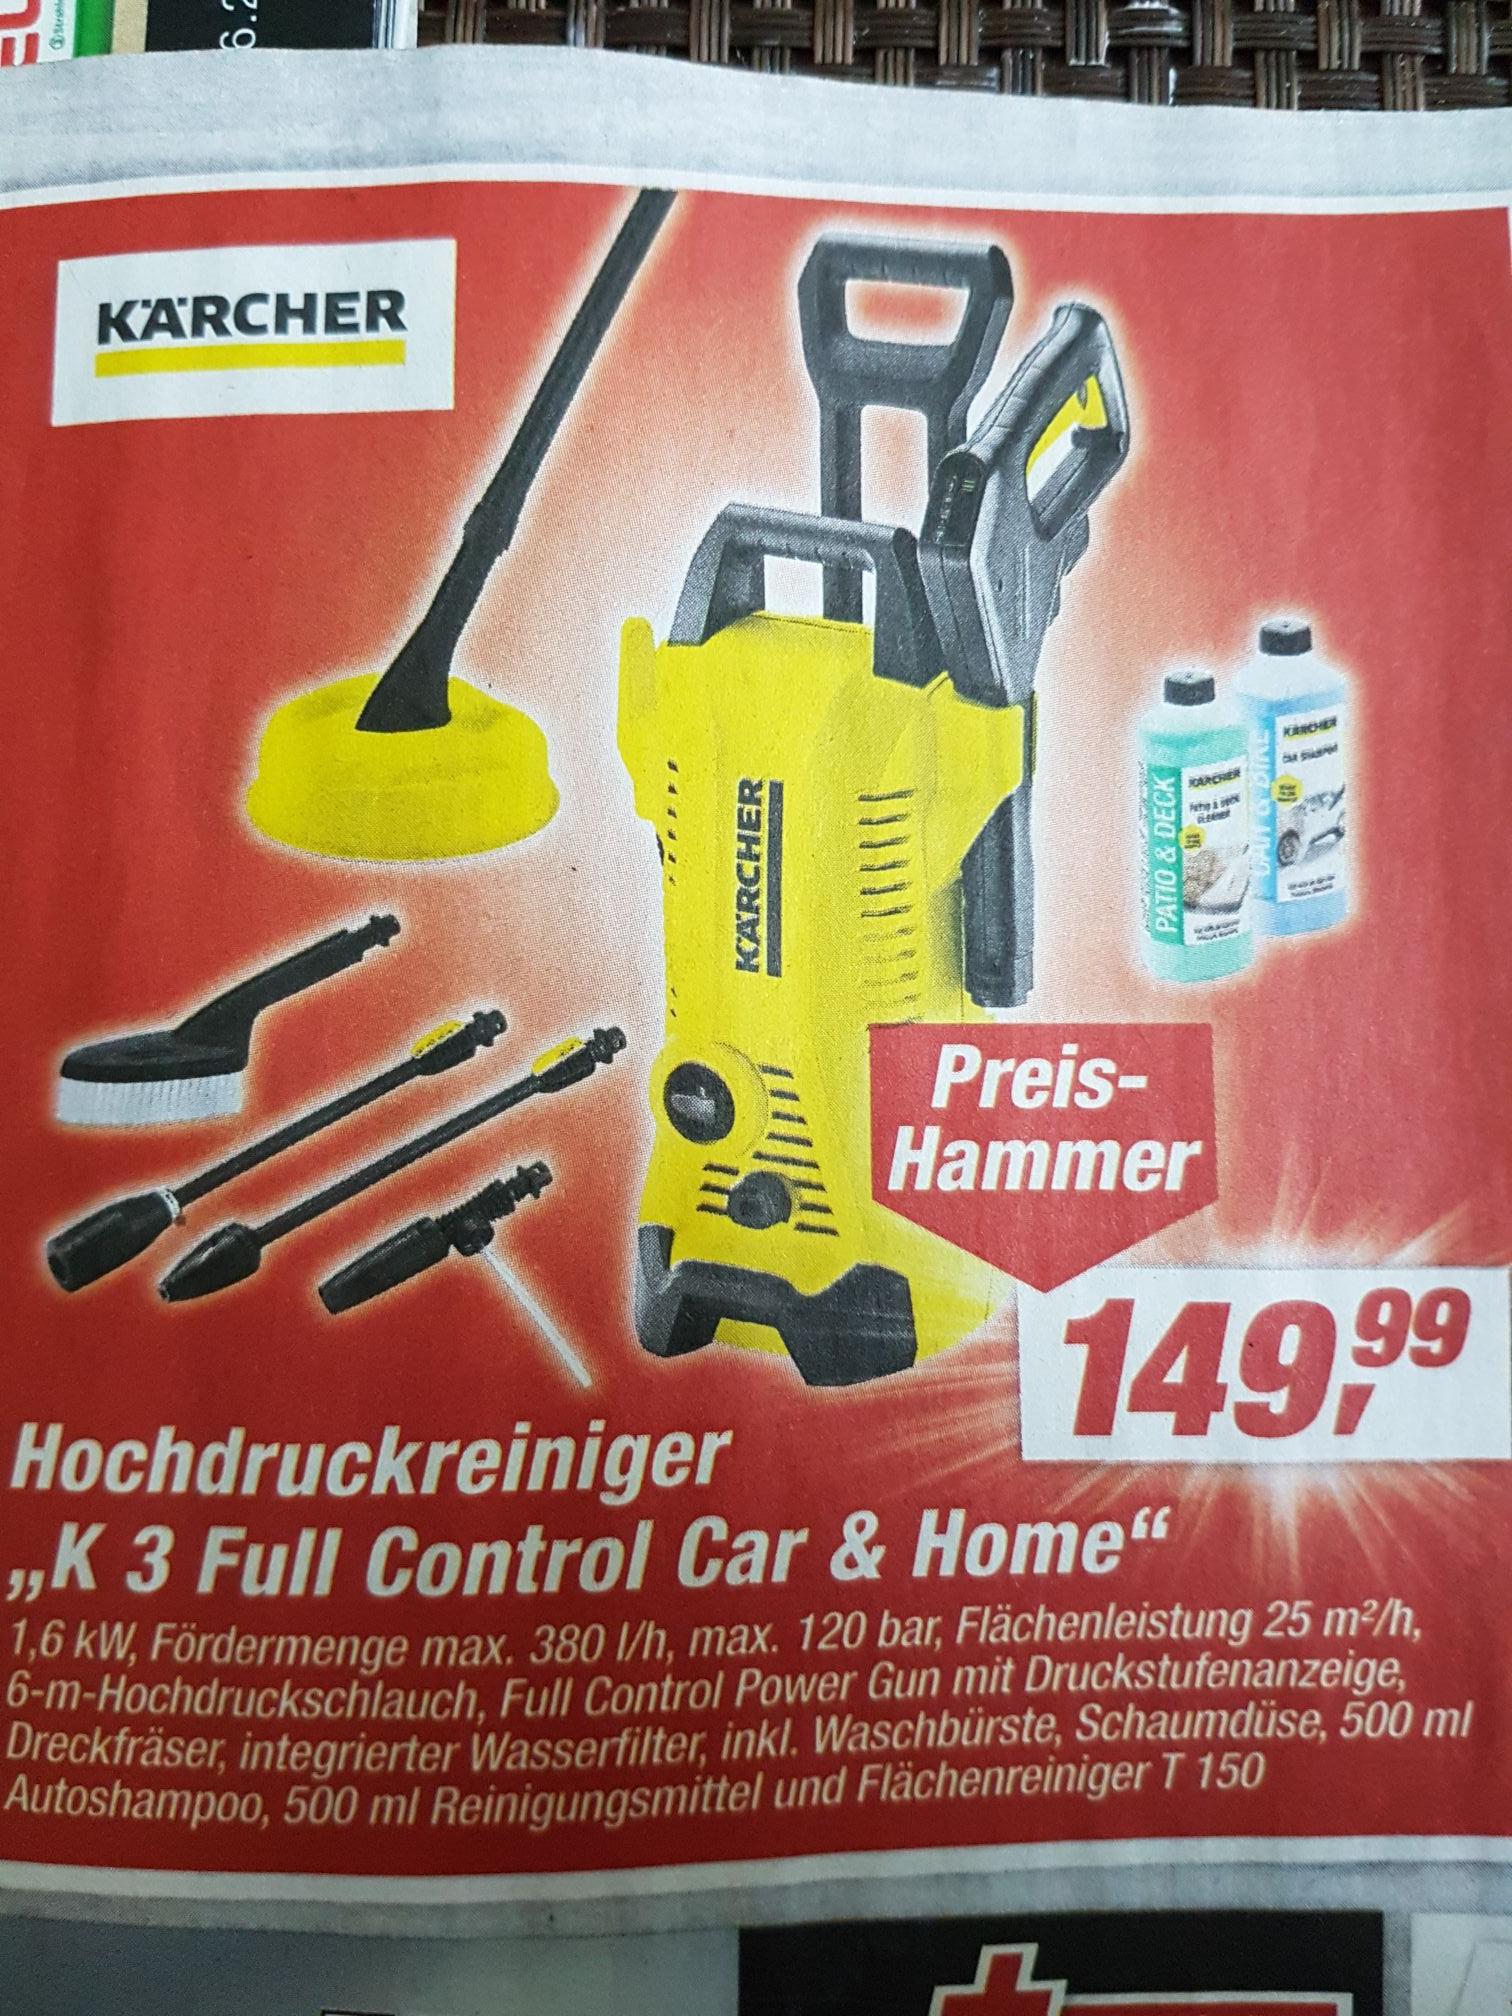 [Lokal / TOOM - teilw. Schleswig Holstein] Hochdruckreiniger Kärcher K3 Full Control Car & Home